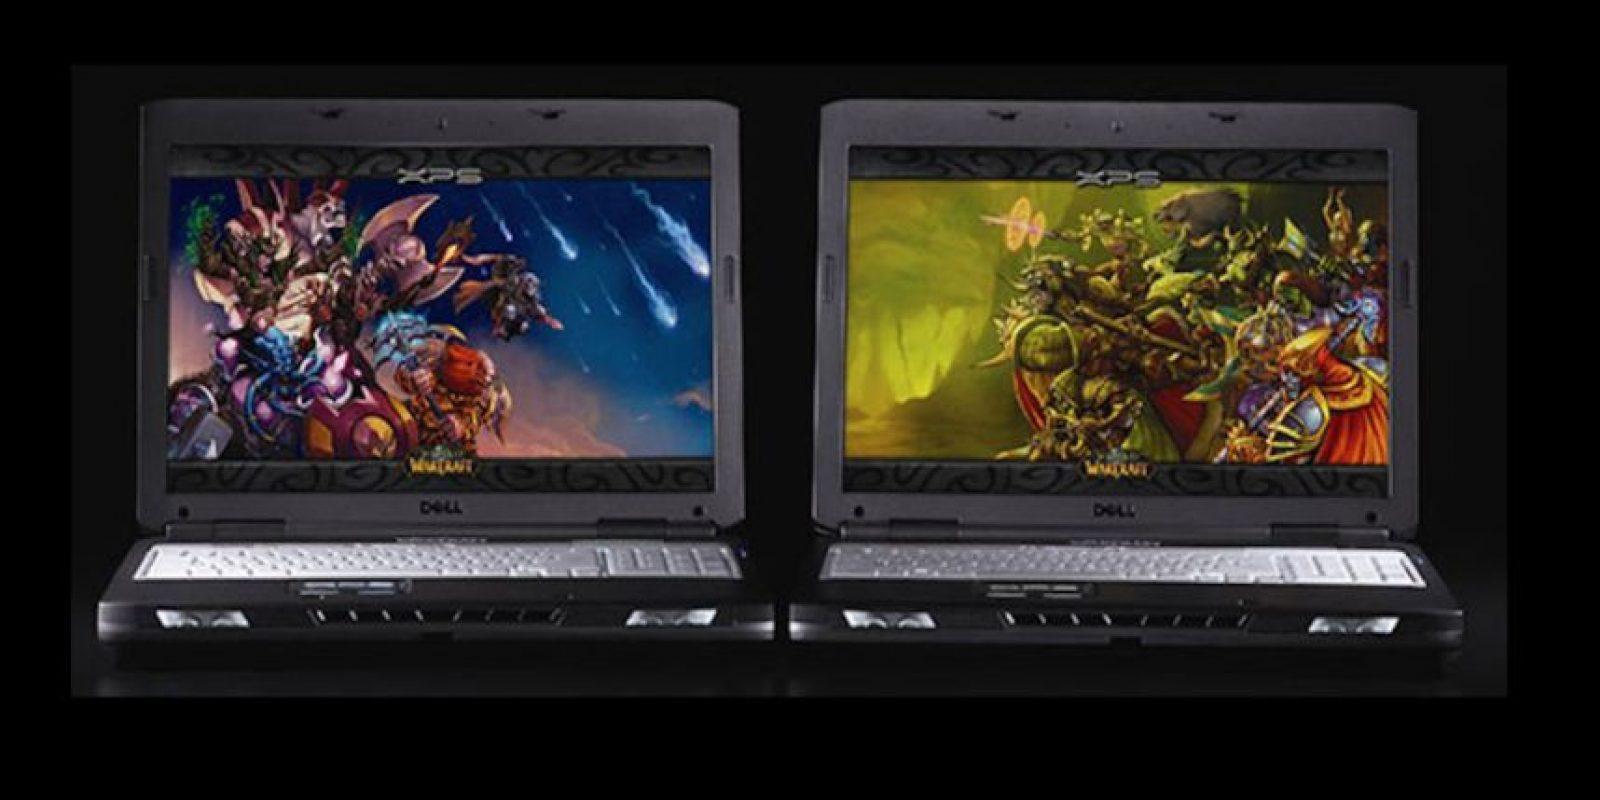 El diseño y configuración del teclado, trackpad y pantalla le hicieron valer 4 mil 450 dólares en 2007 Foto:Dell